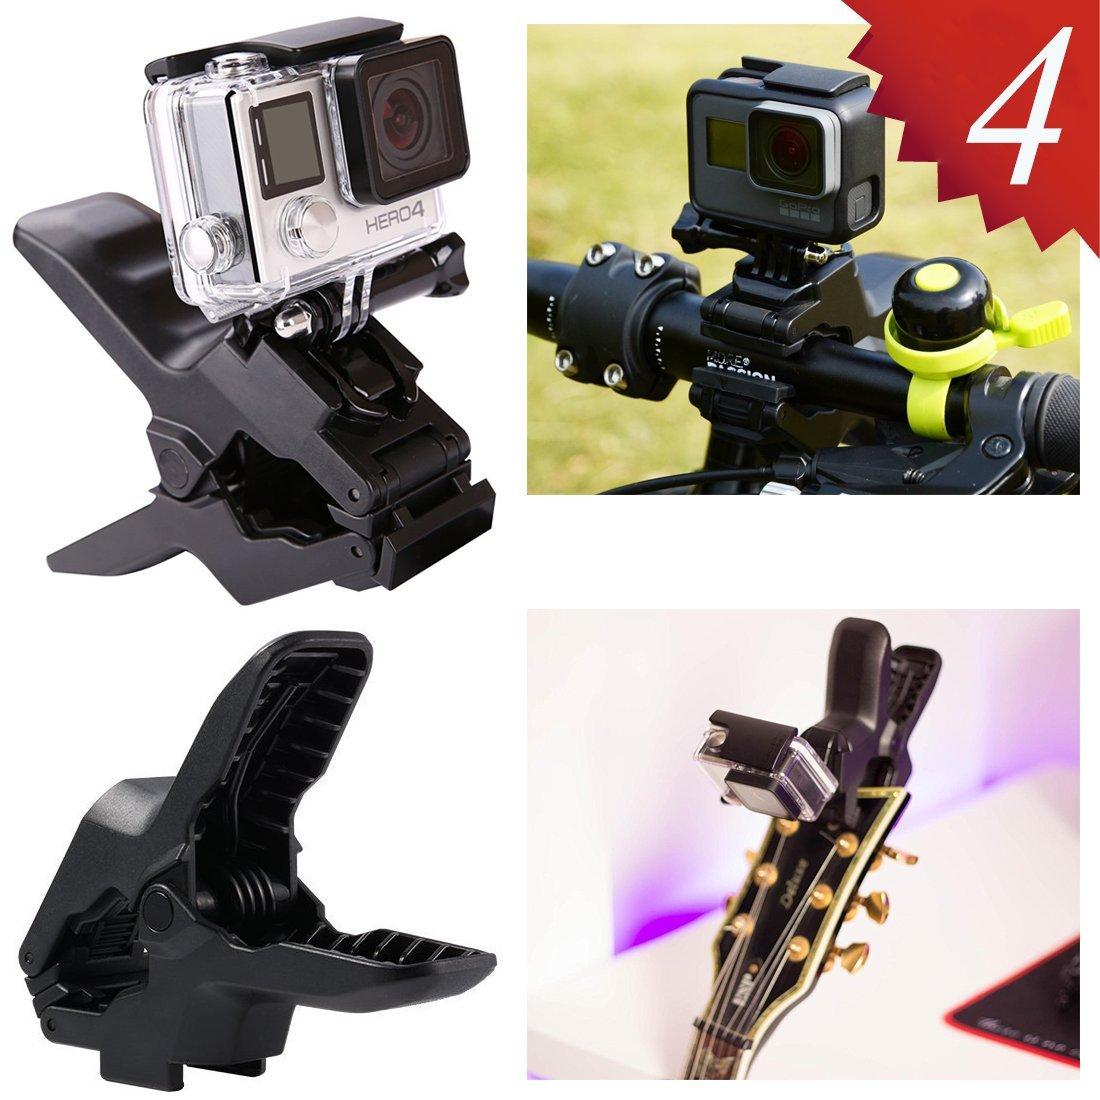 Explopur Compuesto de Metal de 4 Dedos Grip Caliper Flecha Ayudas de liberaci/ón para Arco Compuesto Caza Archery Steel Bow Equipo de Tiro